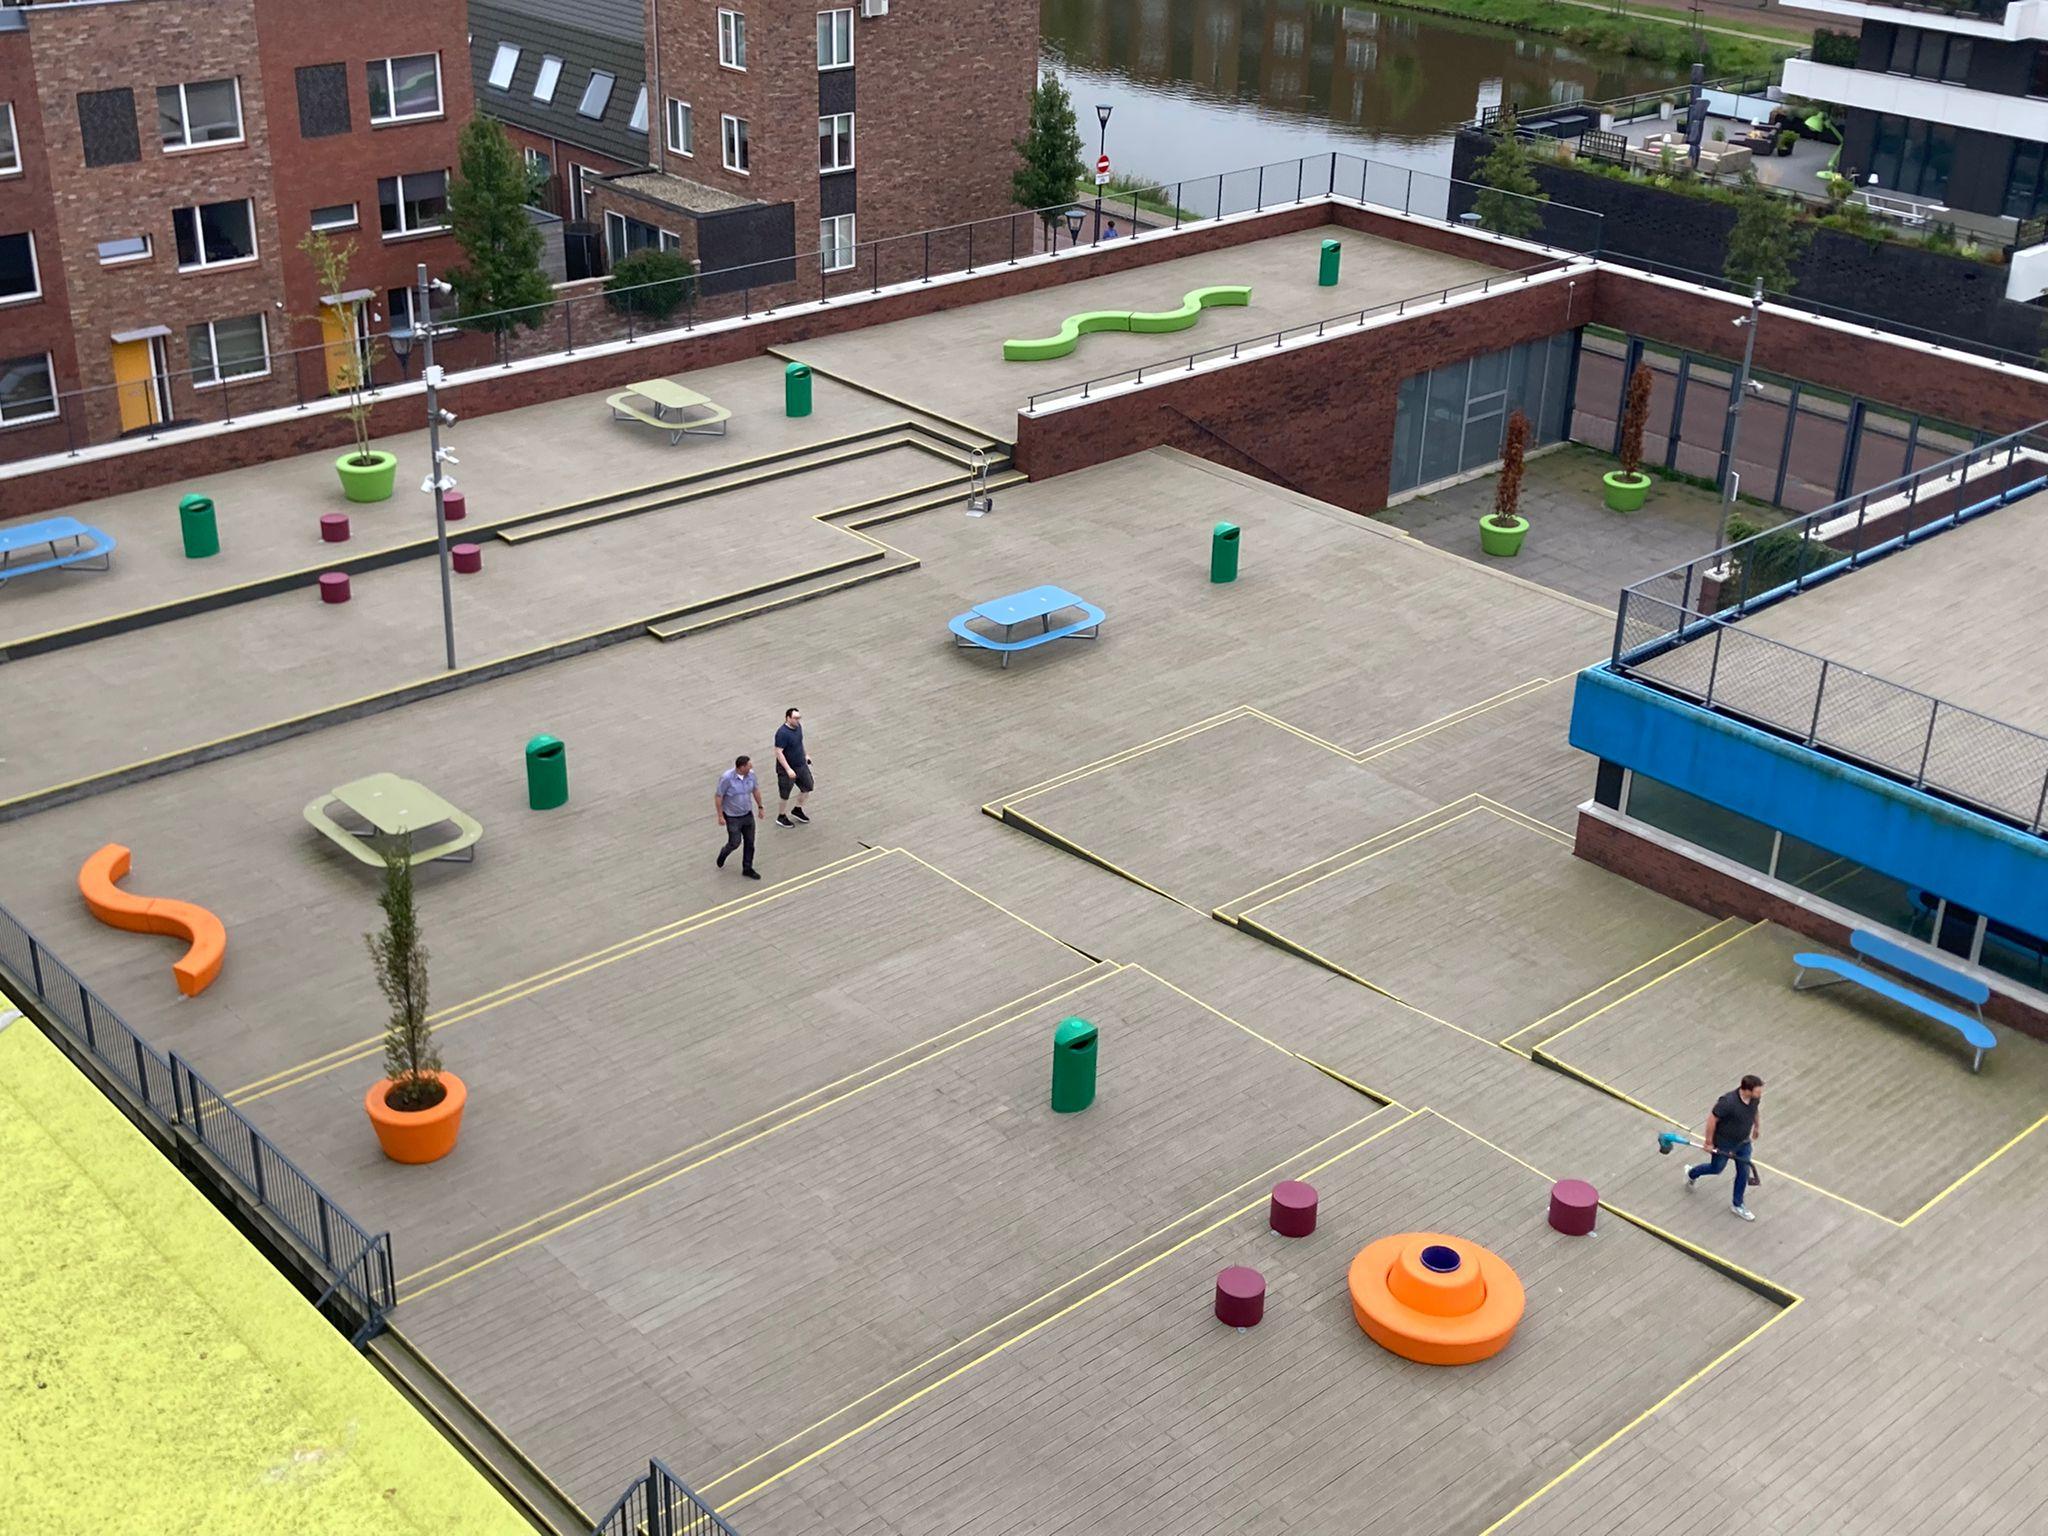 Unieke zitjes op het schoolplein in vele kleuren, vormen en maten